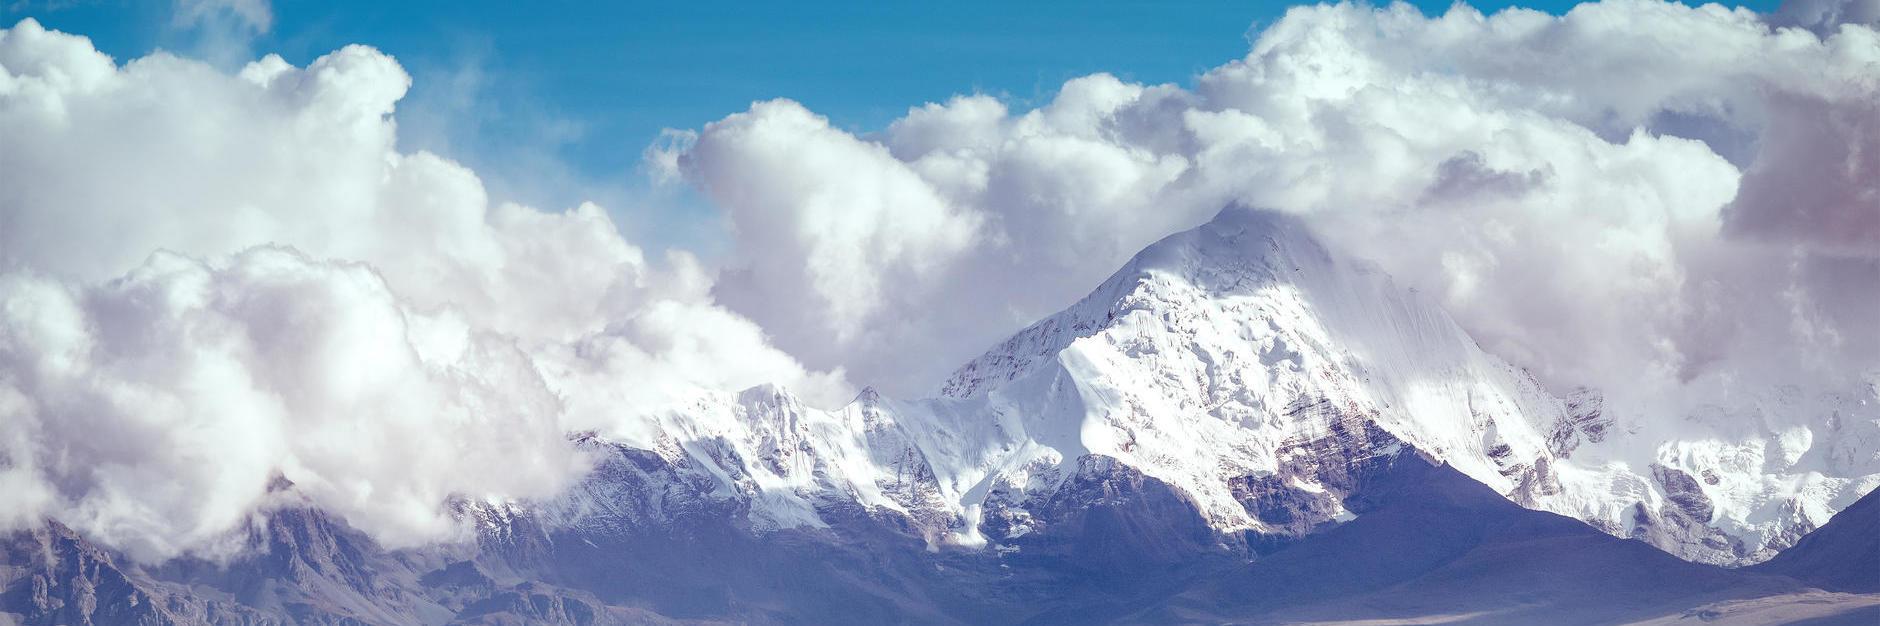 始于信仰,遇见不一样的西藏